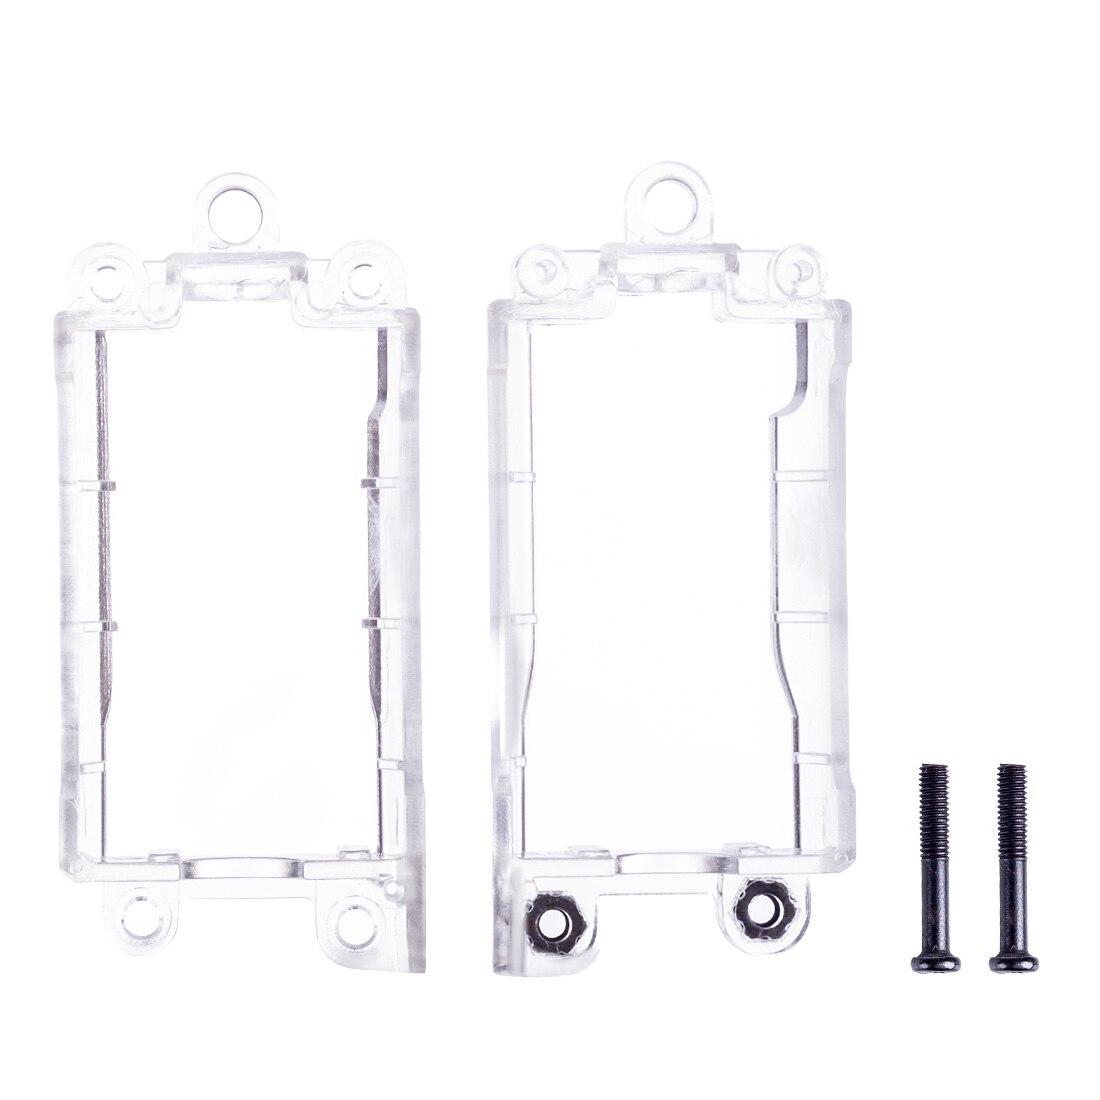 For JM Original Motor Frame For JM Gen.8 M-4A1 Water Gel Beads Blaster Modification For Jm8 - Transparent